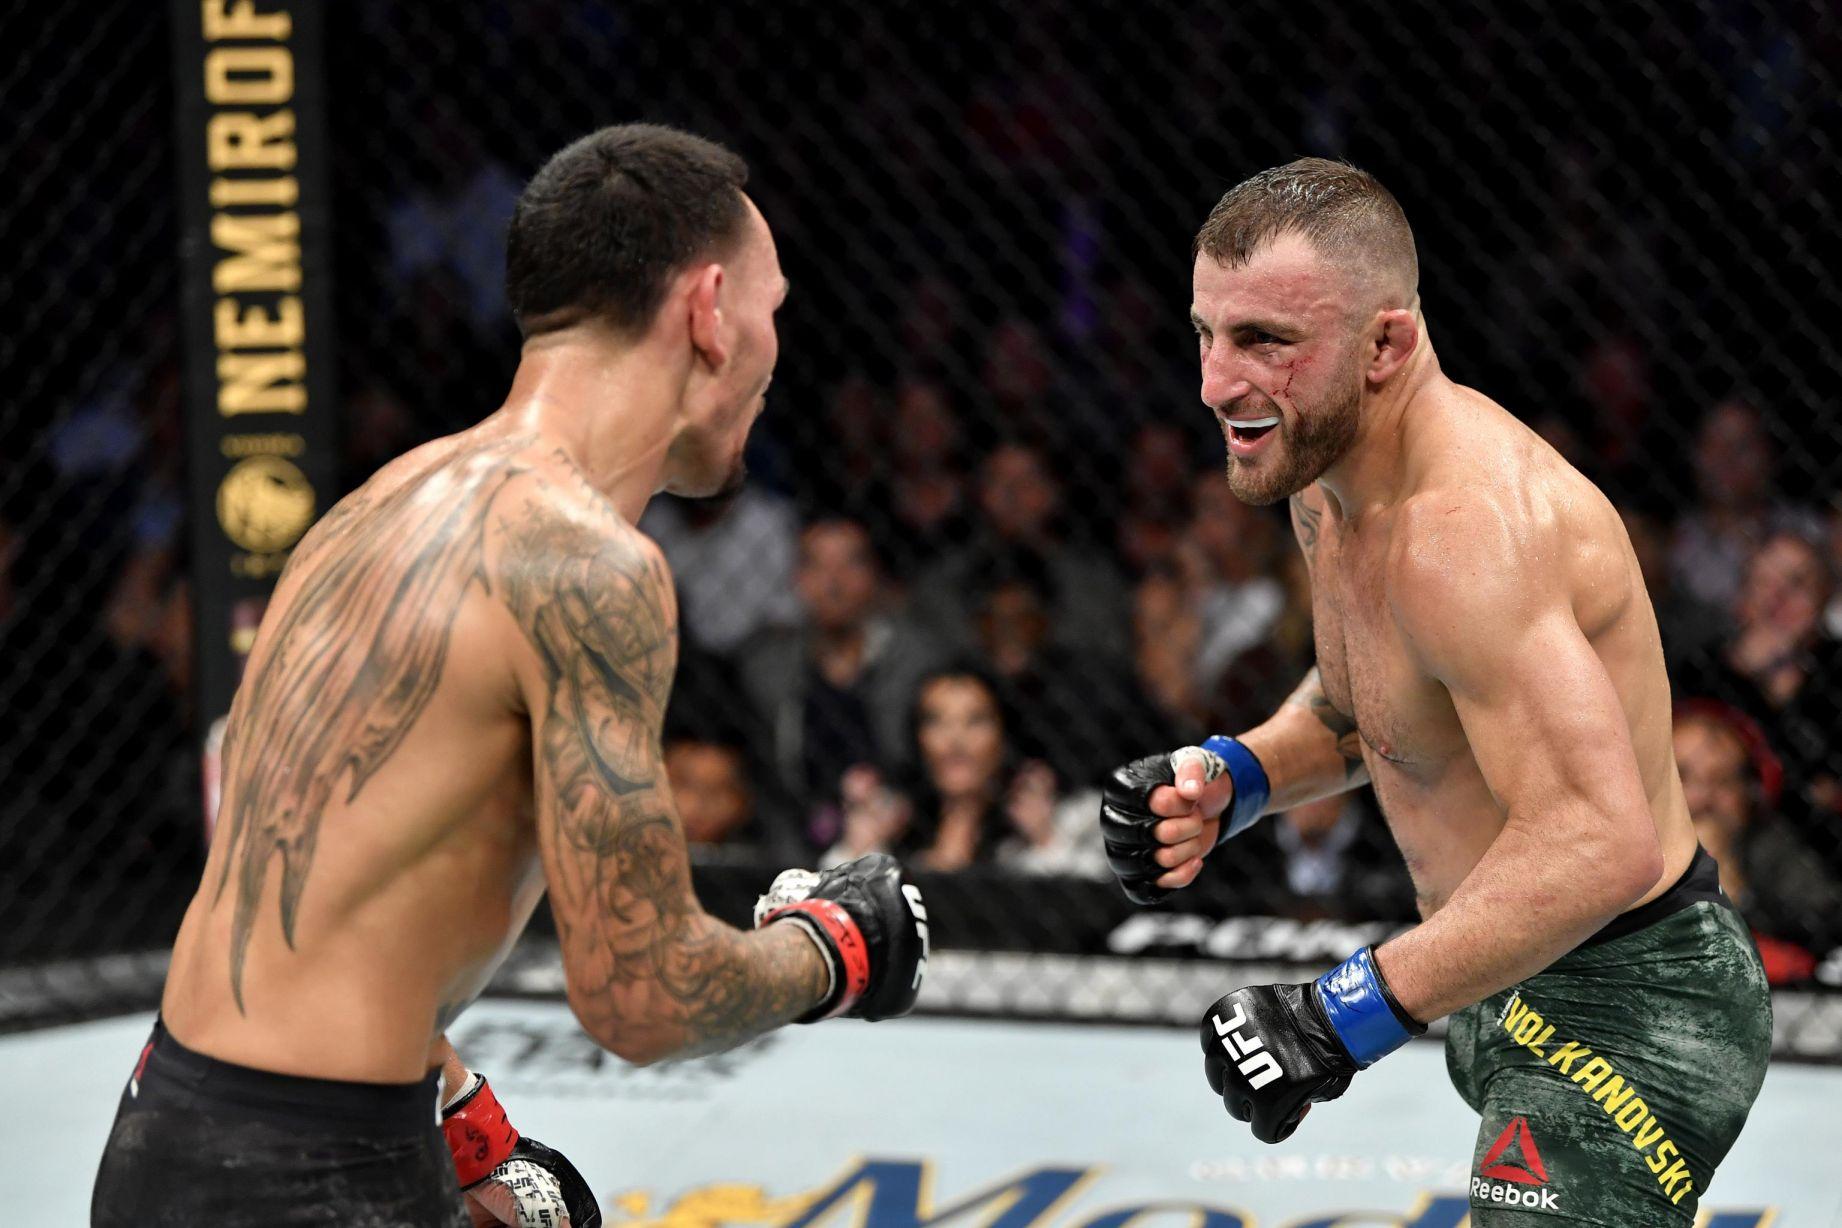 Бой Холлоуэй — Каттар возглавит турнир UFC 16 января 2021 года